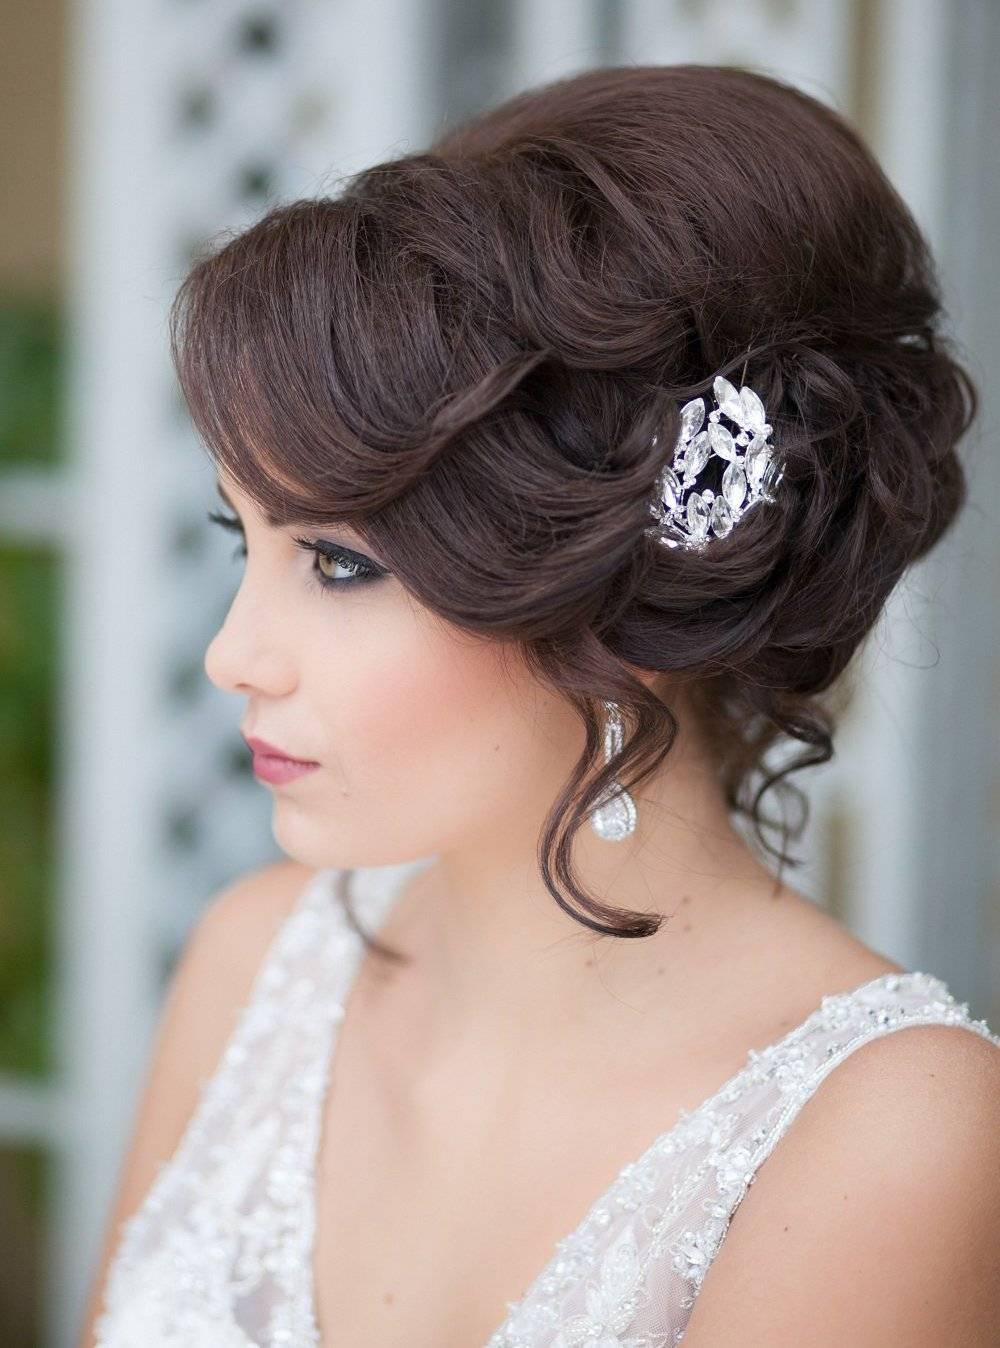 Прически на свадьбу: тенденции 2018 (фото)